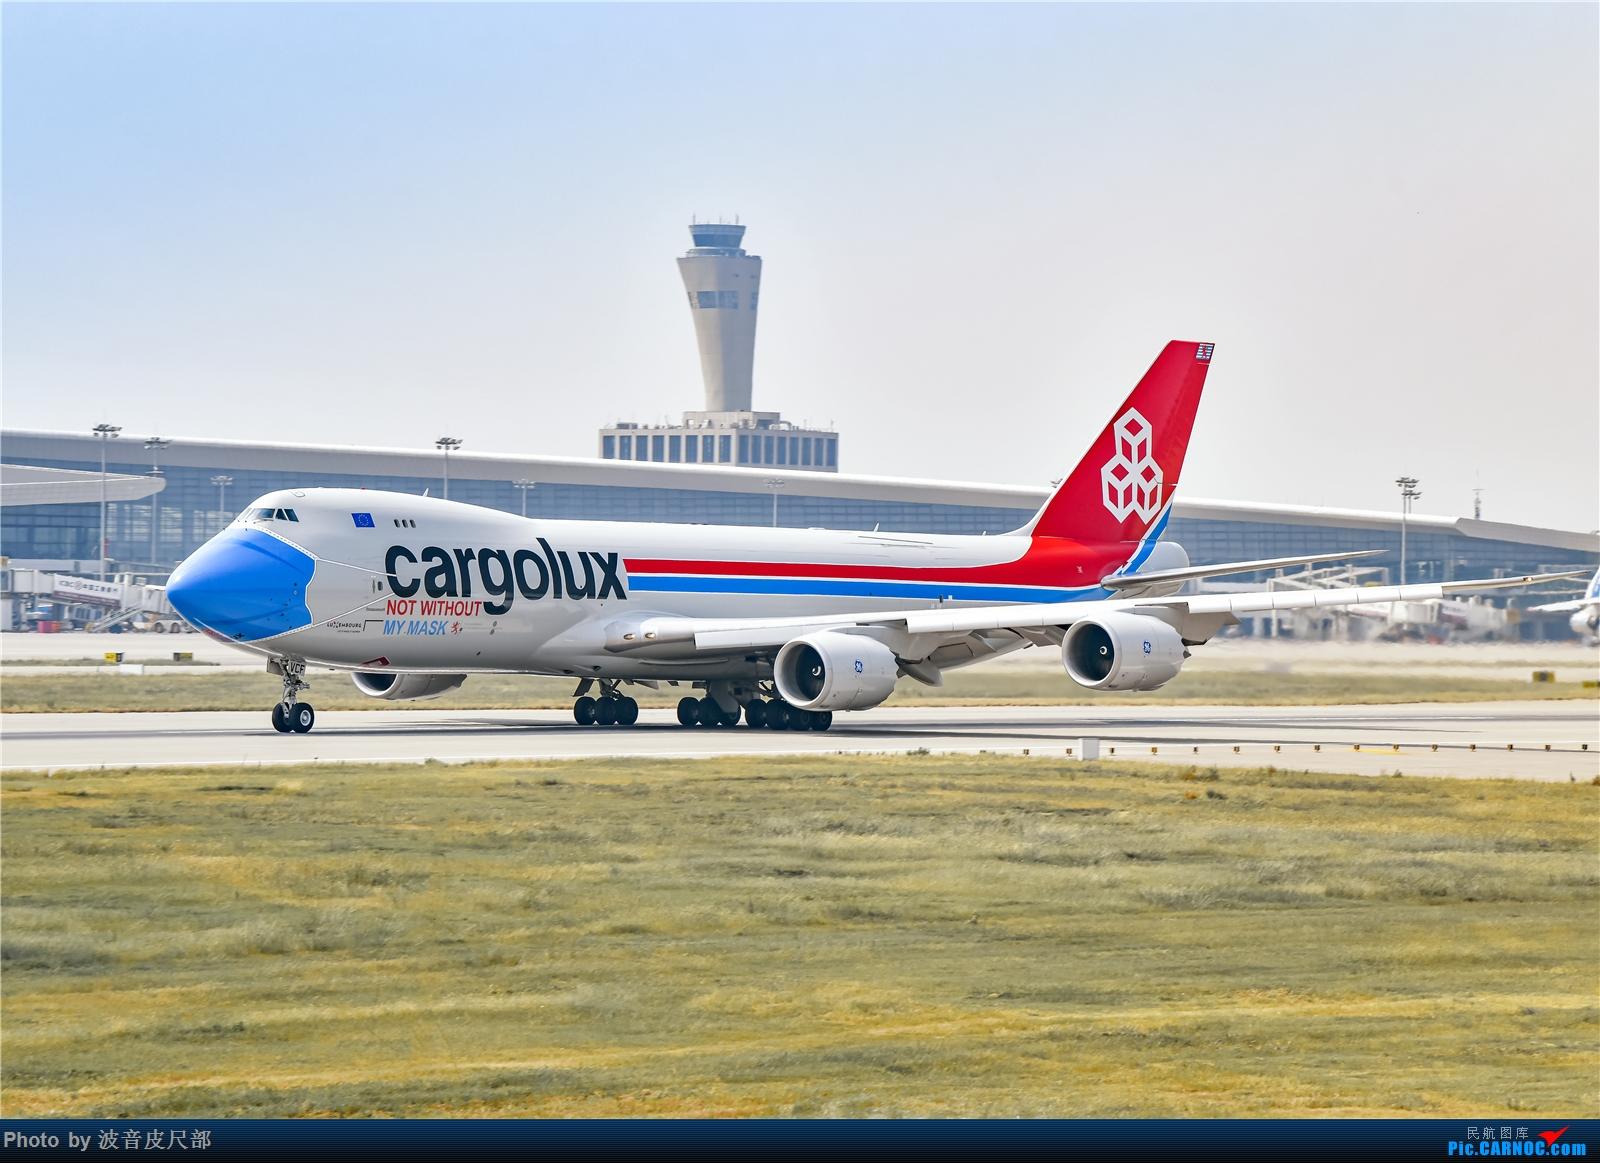 Re:【ZHCC-TJL工作室】来看看郑克雷奇的飞机们 BOEING 747-8F LX-VCF 中国郑州新郑国际机场